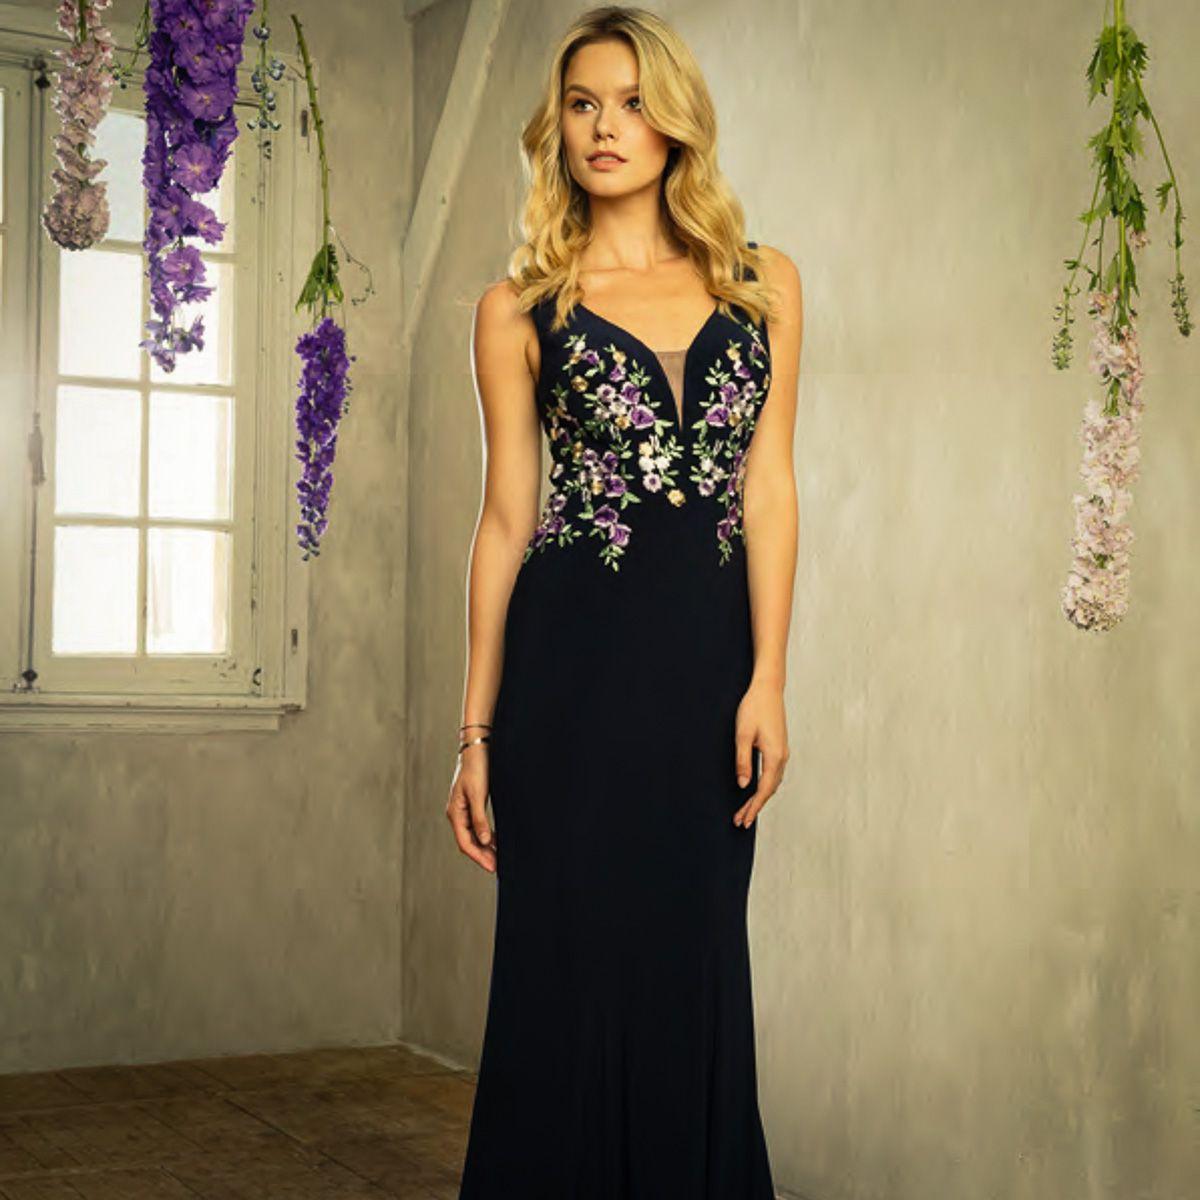 17 Spektakulär Sommer Abend Kleid Galerie15 Schön Sommer Abend Kleid für 2019